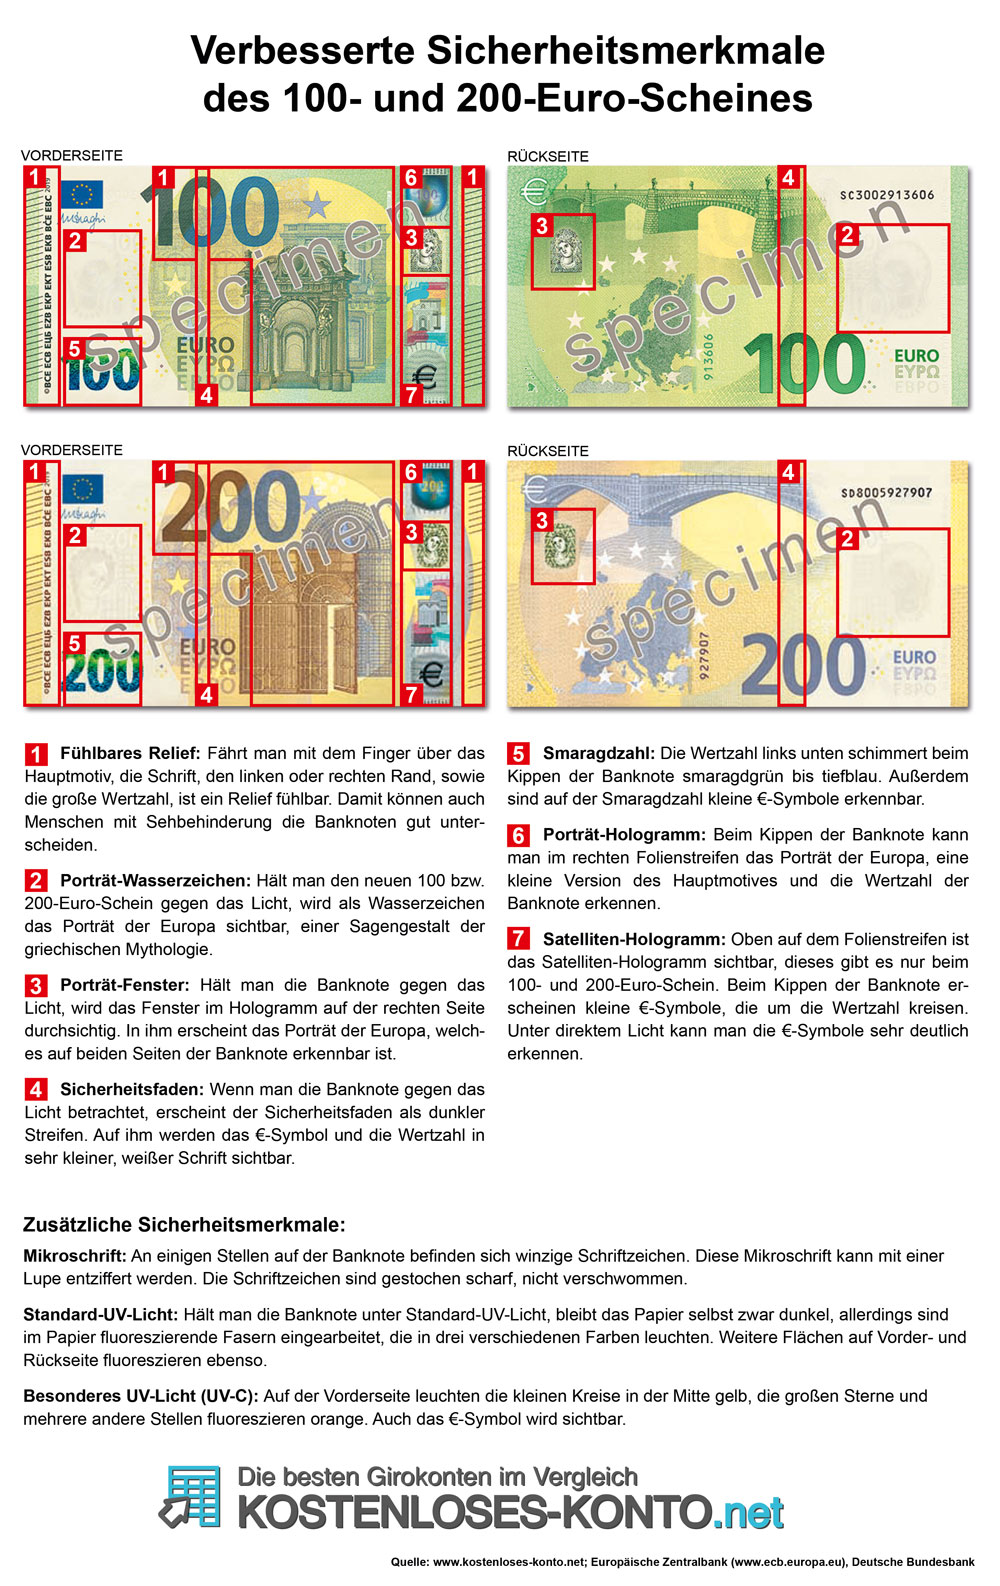 Verbesserte Sicherheitsmerkmale des 100-Euro-Scheines/ 200-Euro-